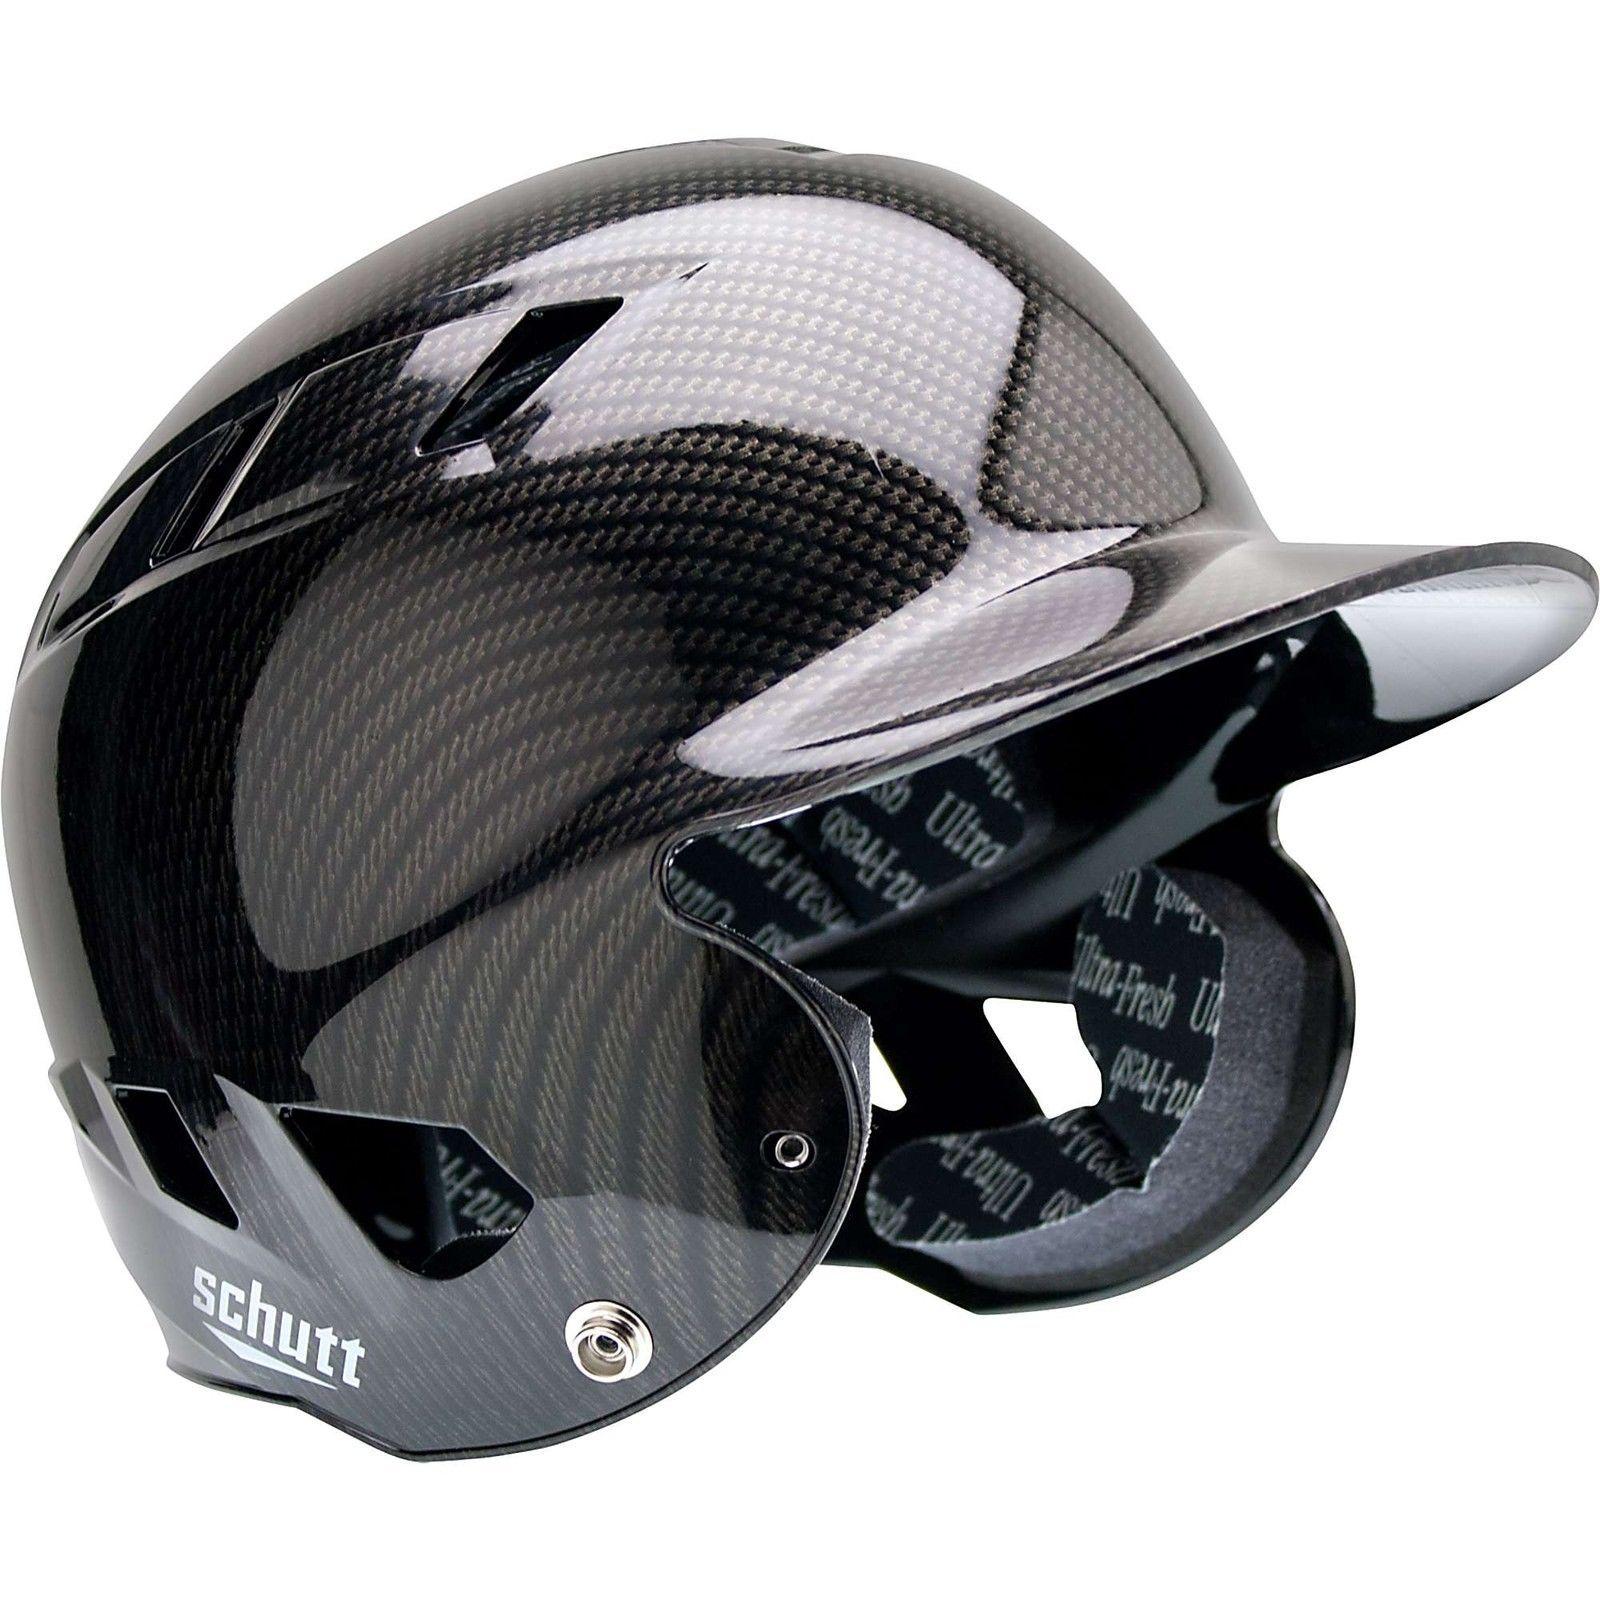 541d4d7f Schutt Osfa Air-6 Batting Helmet, Black/Gold/Carbon Fiber | Ultimate ...